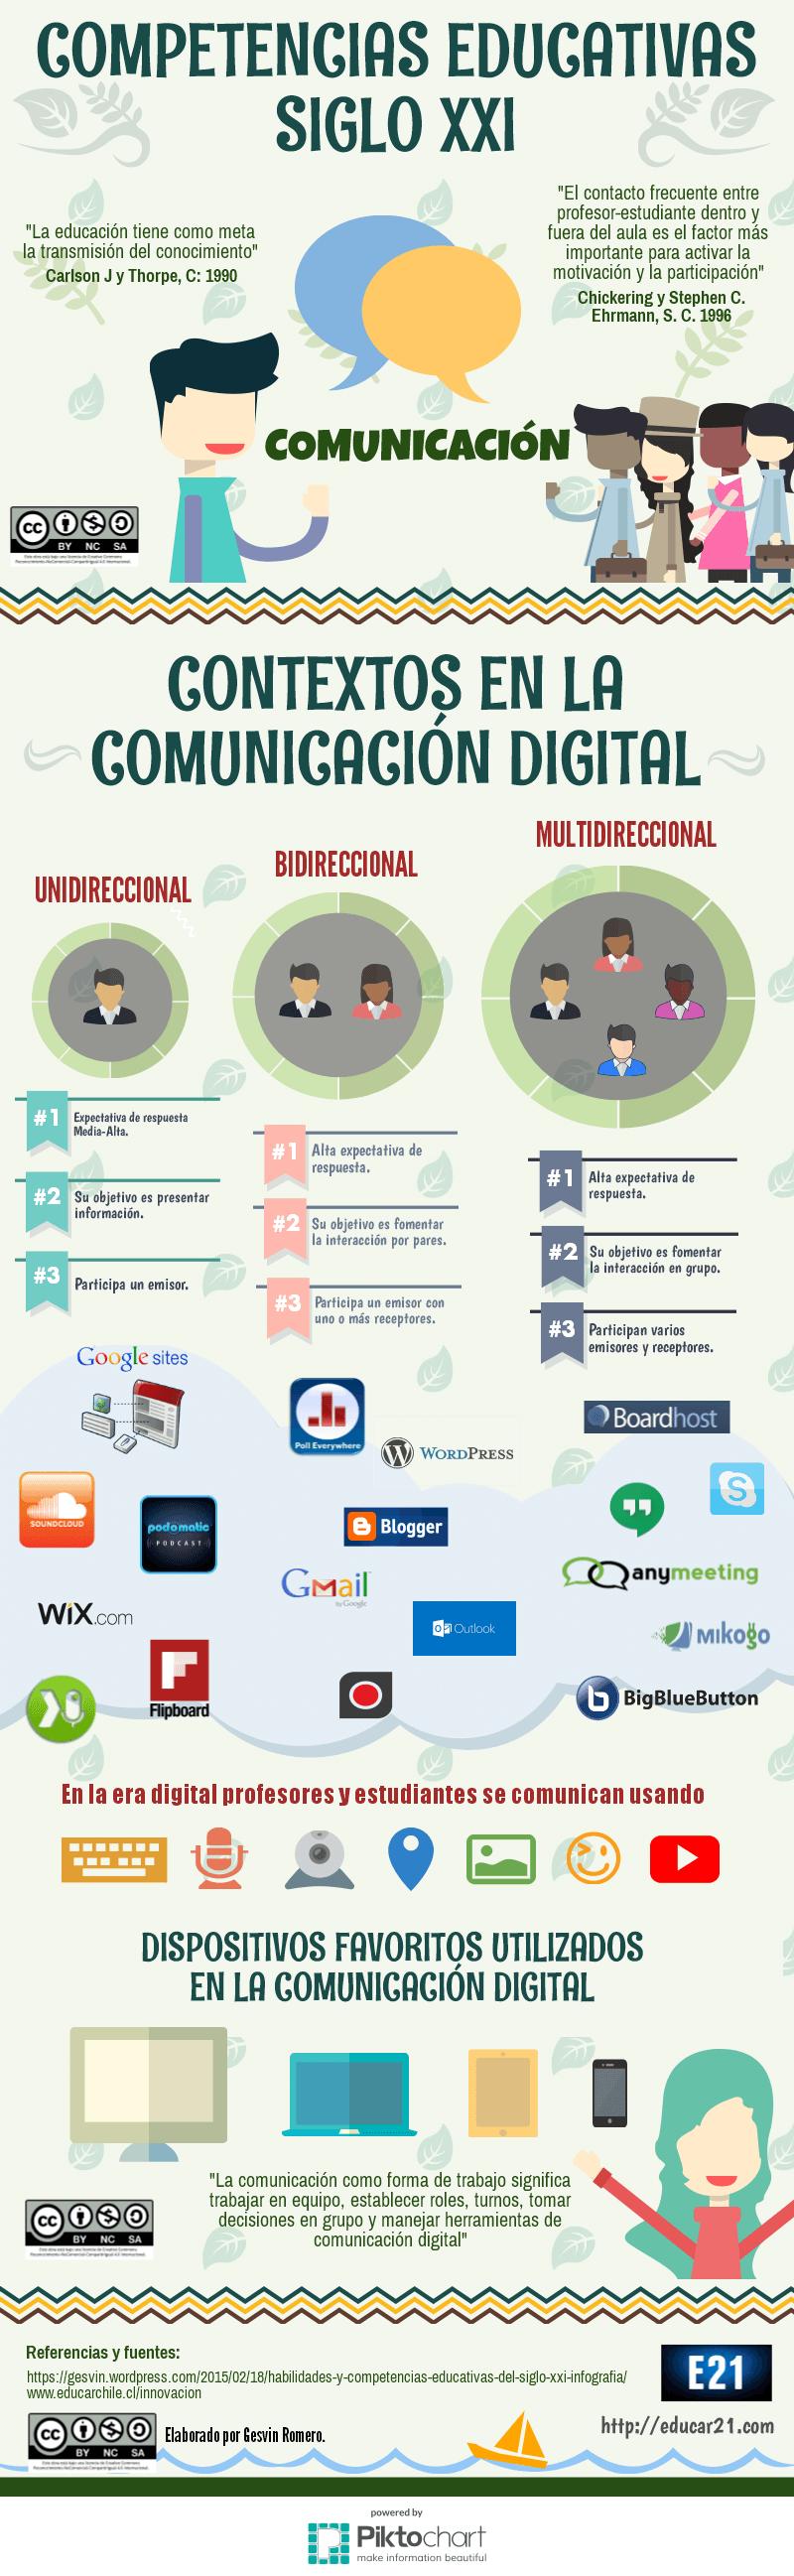 Competencias Educativas Del Siglo Xxi Comunicación Infografía Competencias Educativas Educacion Teorias Del Aprendizaje